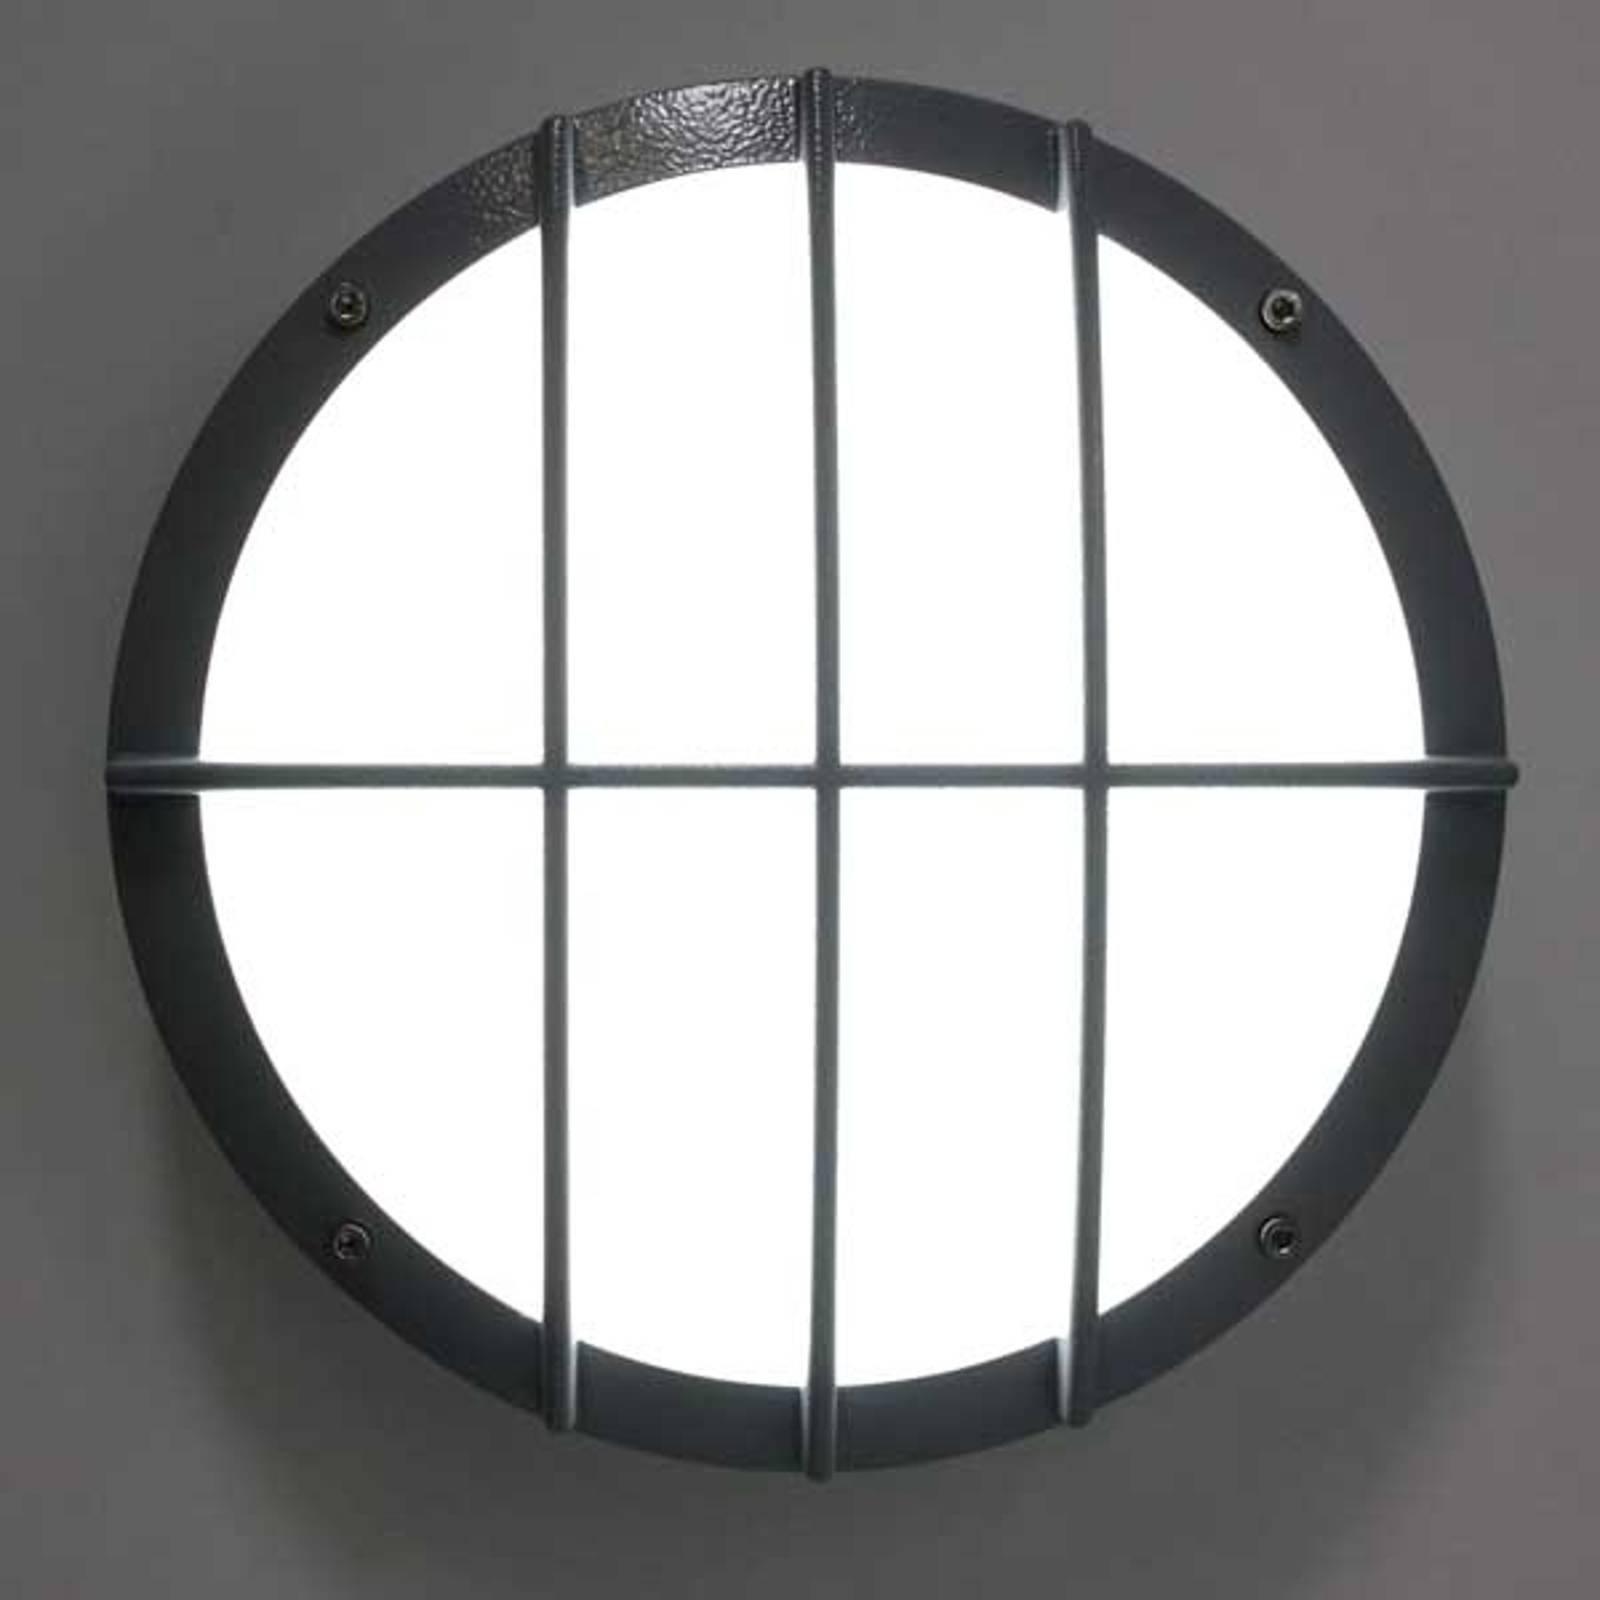 SUN 8 LED-vegglampe i trykkstøpt aluminium, 8W 4K